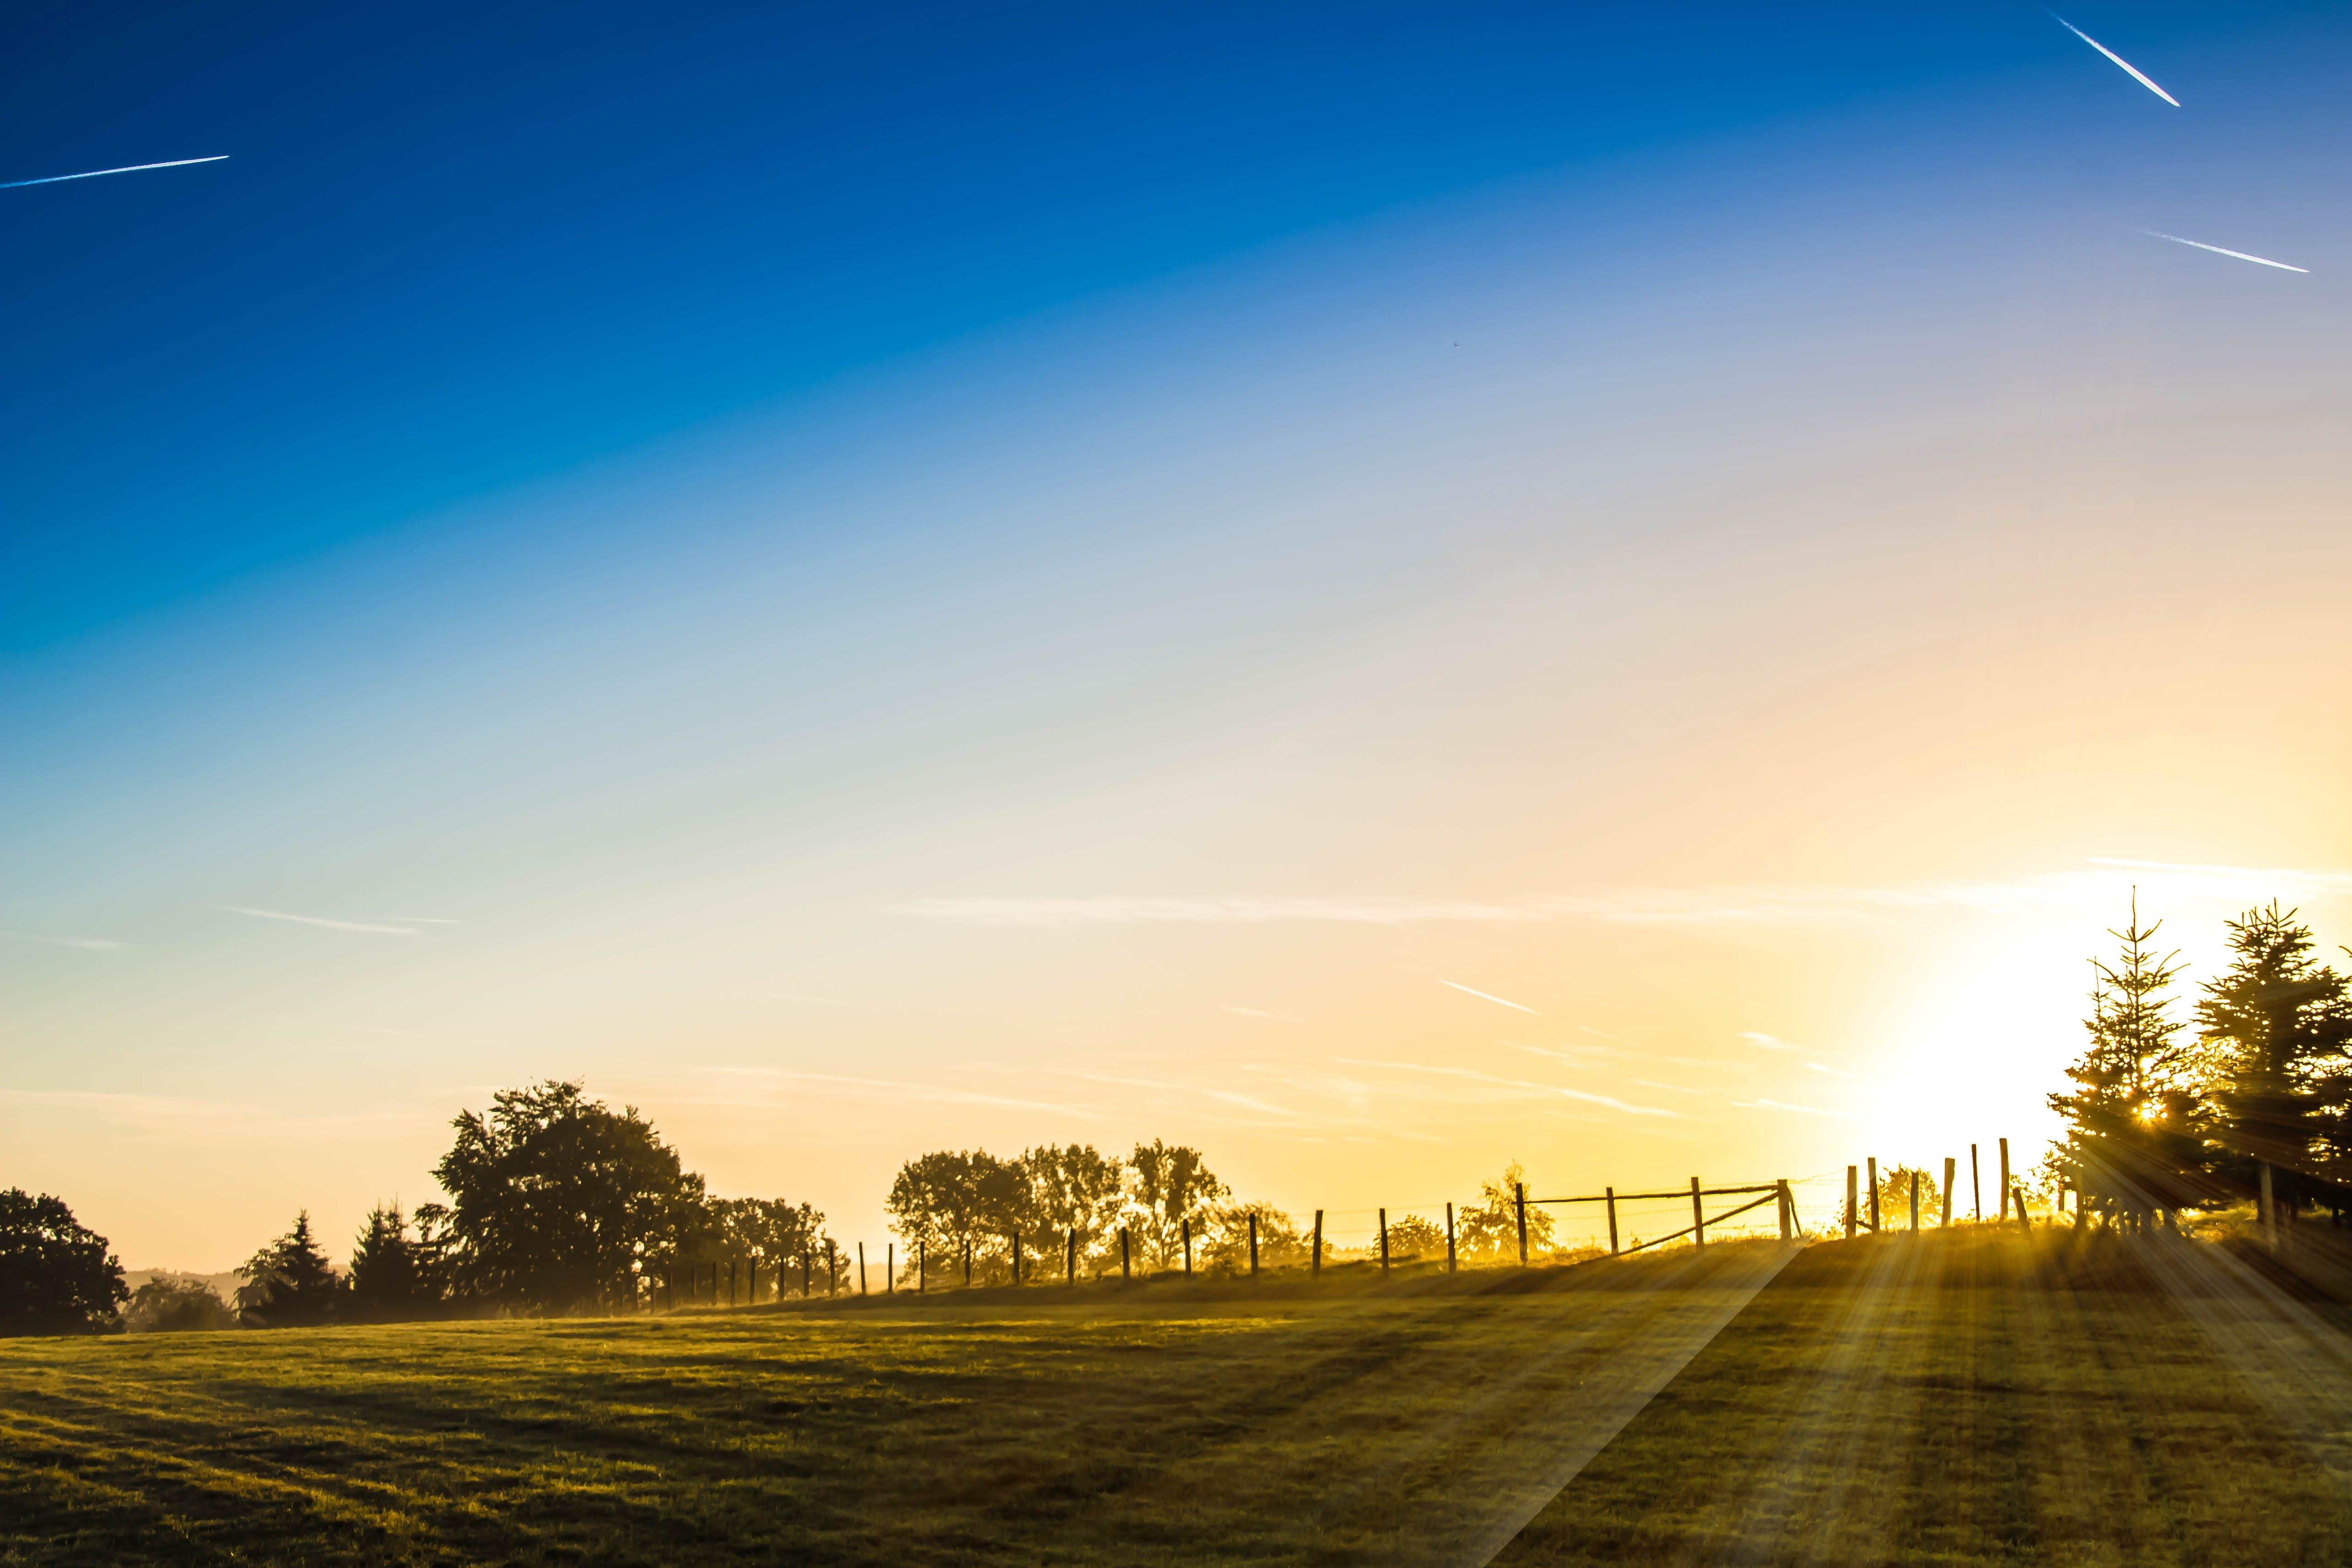 天性, 天空, 日出, 日落 的 免費圖庫相片